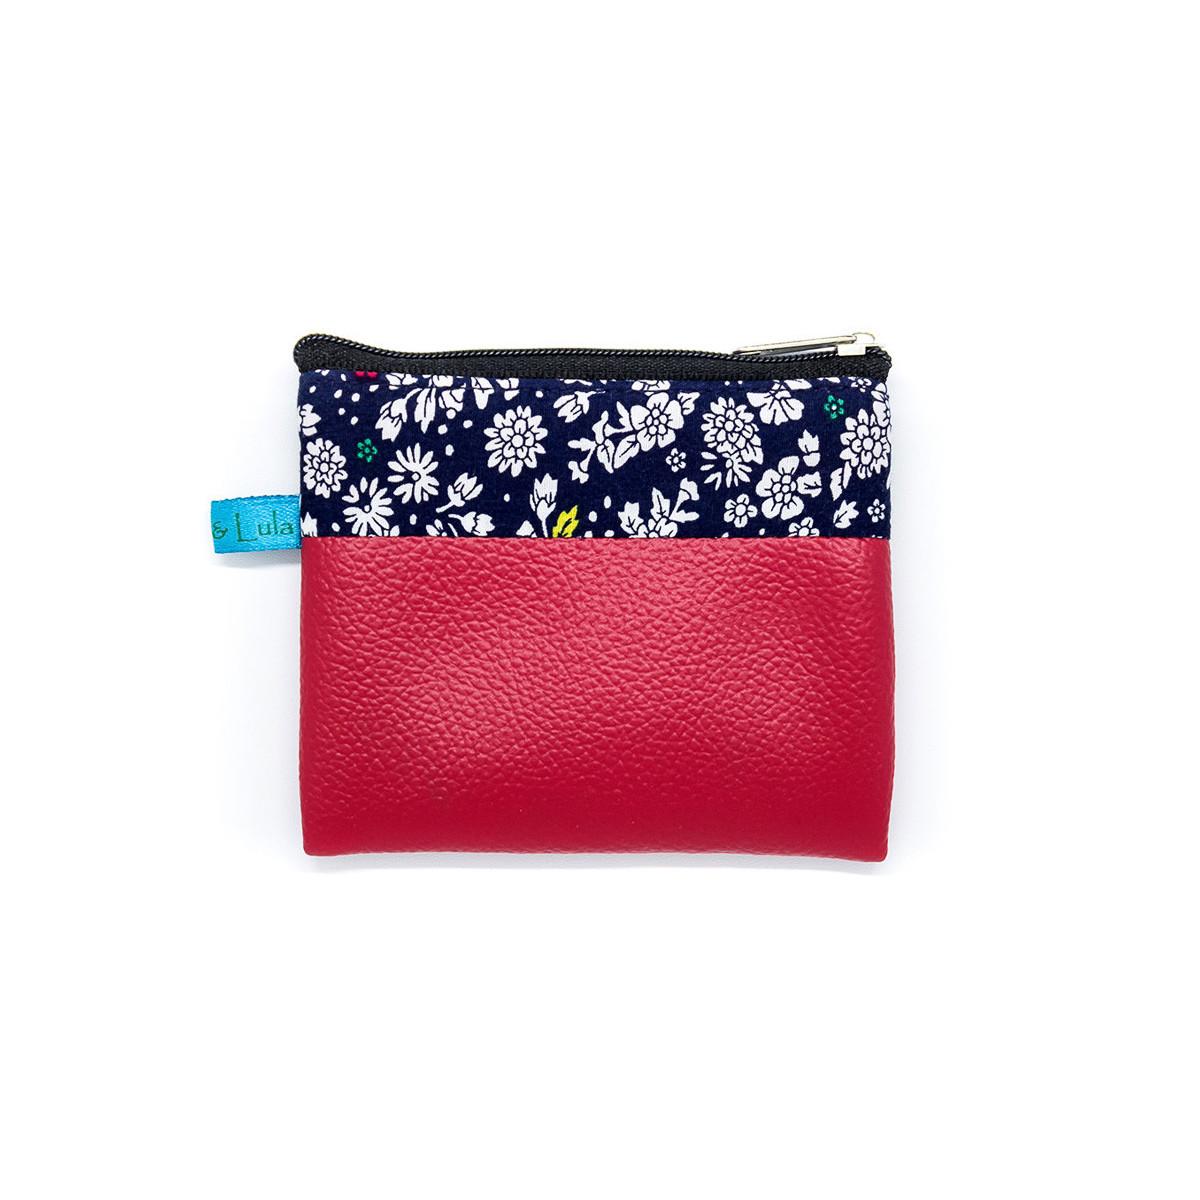 Petit porte-monnaie zippé rouge et bleu à fleurs